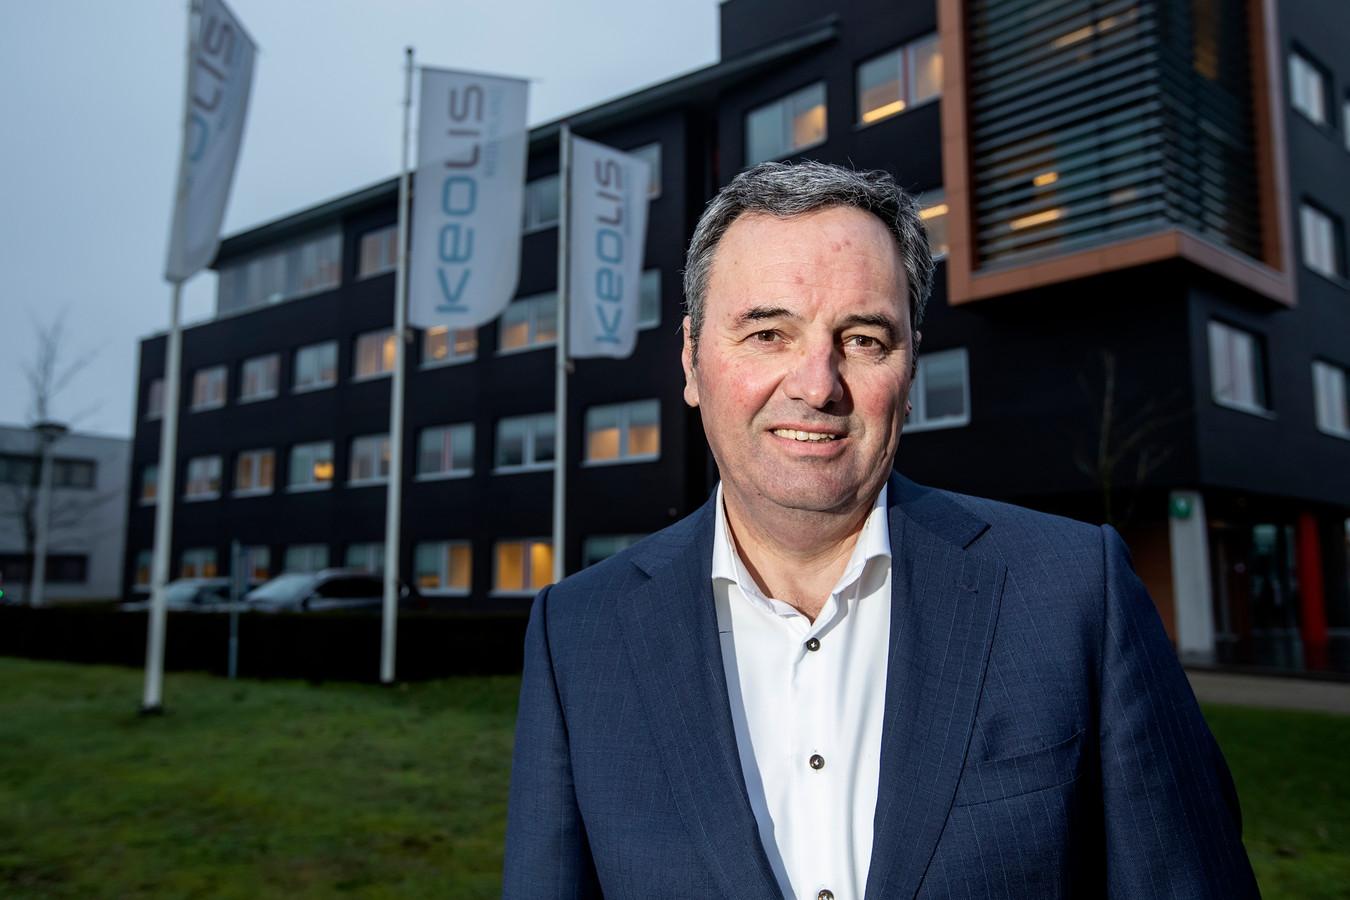 Directielid Richard Bruns uit Wierden van Keolis moest weg, maar nu zijn er twijfels over zijn medewerking aan het gesjoemel met contracten.